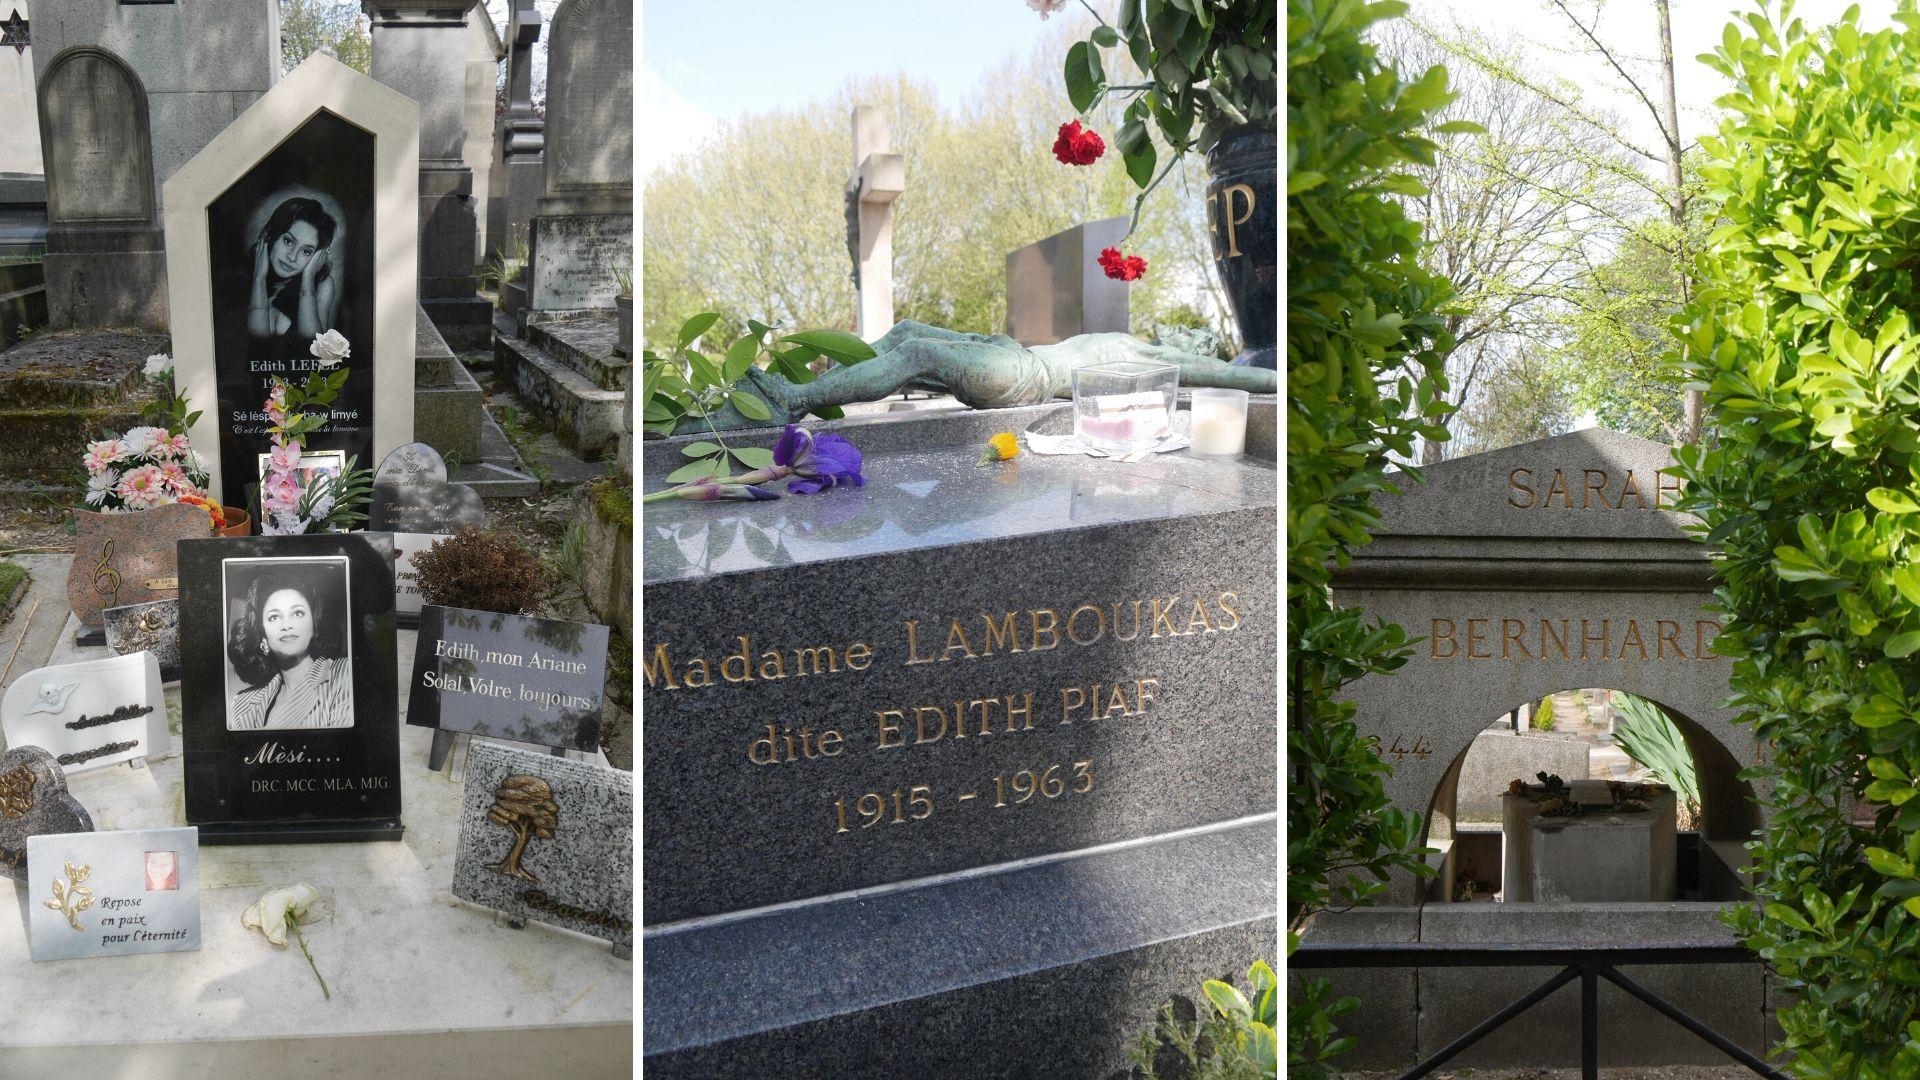 visiter père-lachaise edith piaf visite matrimoine féminisme paris